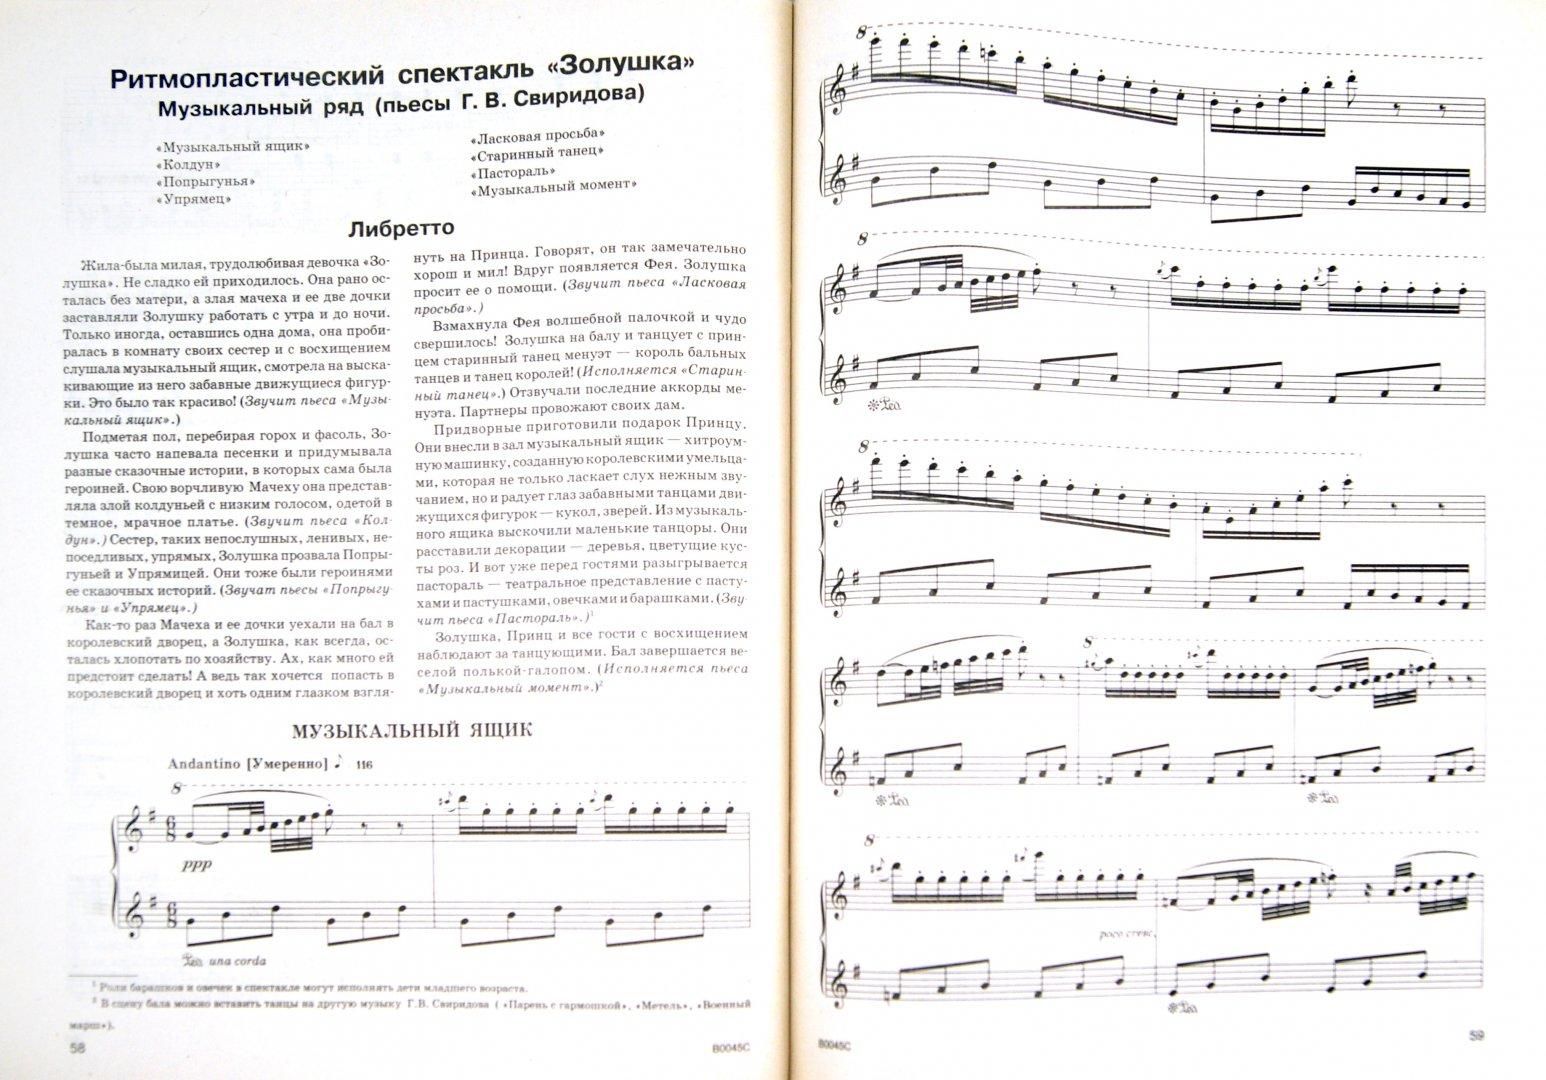 Иллюстрация 1 из 10 для Музыкально-ритмические задания и этюды на музыку Г. Свиридова - Татьяна Коренева   Лабиринт - книги. Источник: Лабиринт